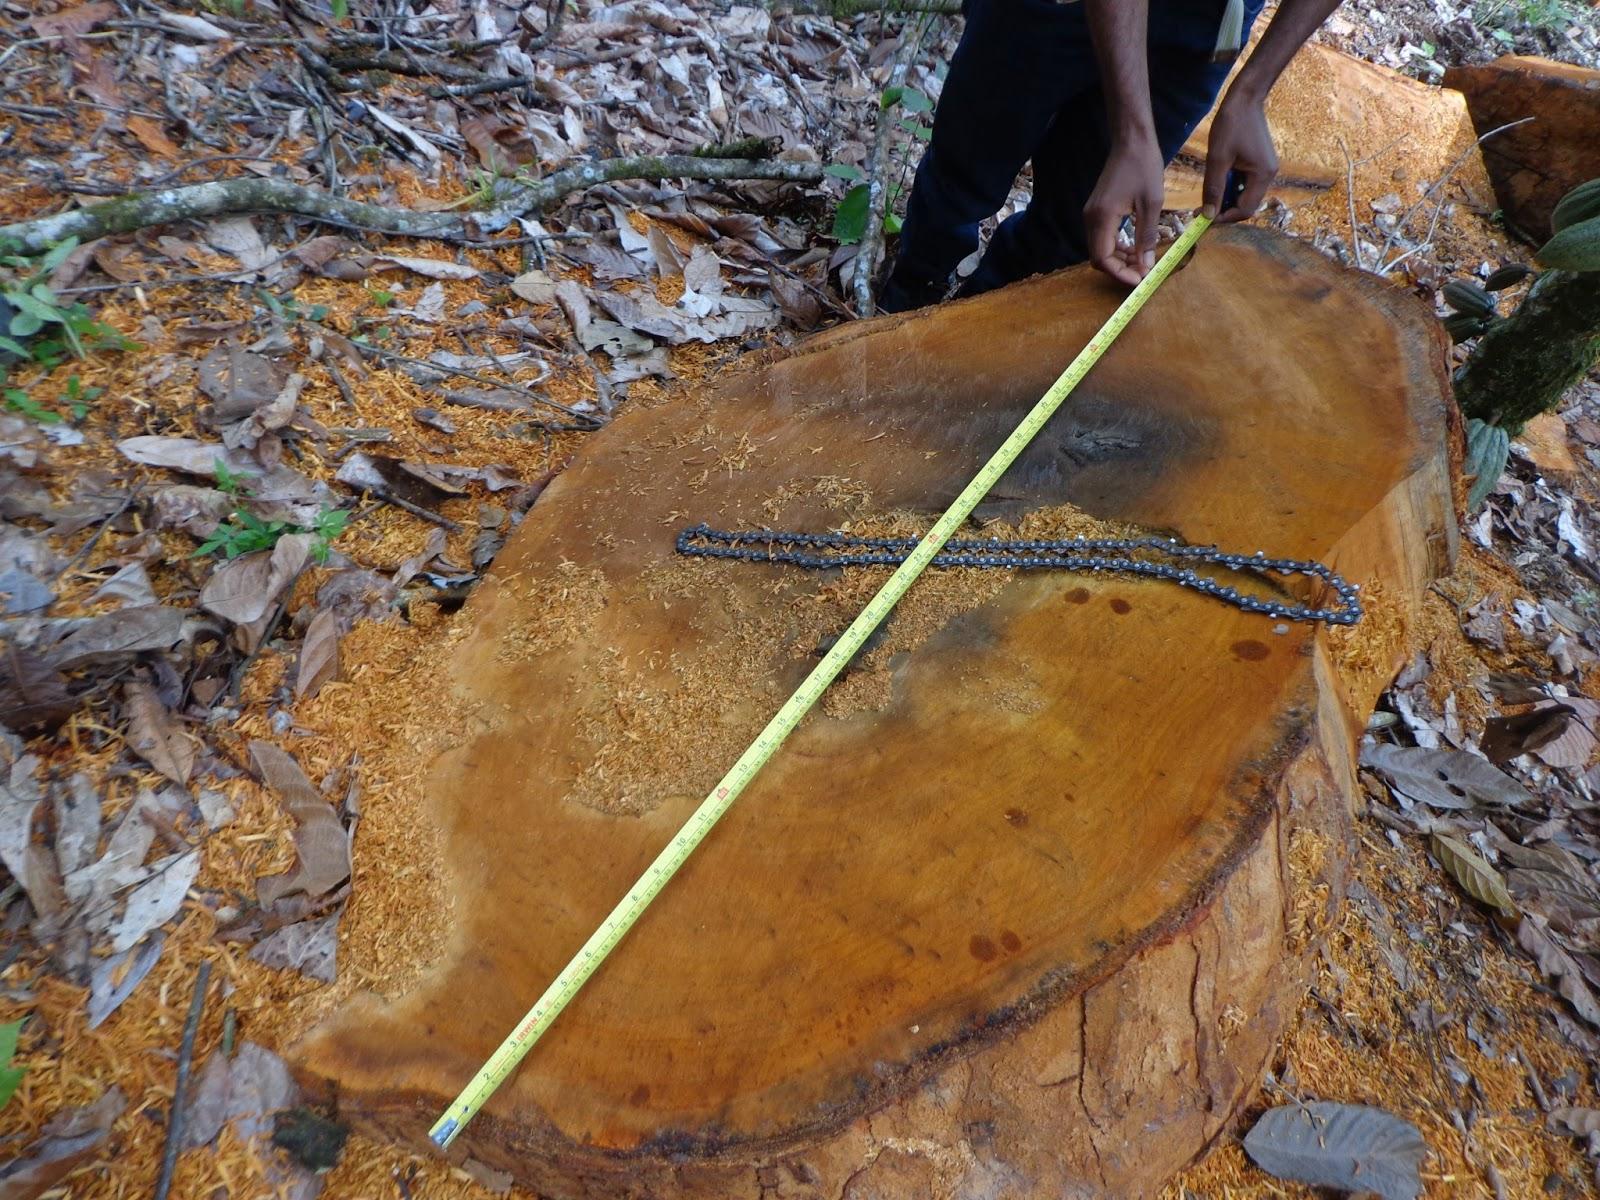 farta quantidade de madeira animais silvestres e armas de caça #906638 1600x1200